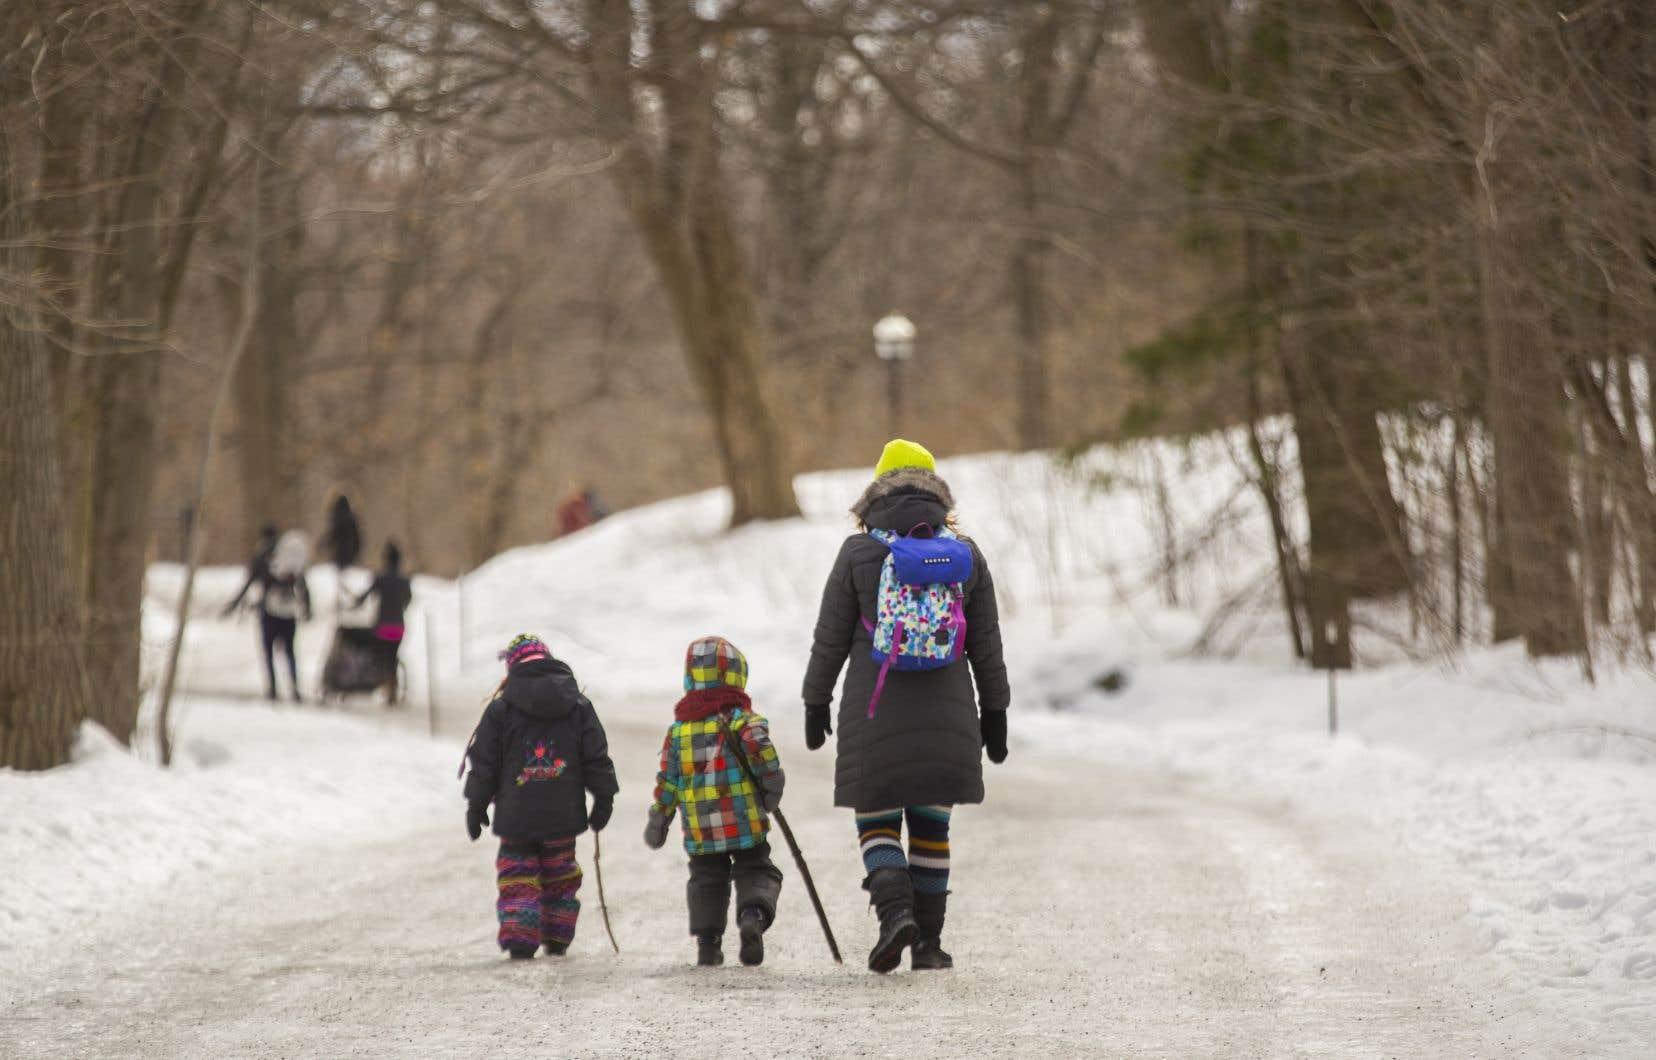 Environ 1,8million d'enfants ne sont pas inscrits au Bon d'études canadien prestation, même s'ils y ont droit. Le gouvernement estime que le programme dispose d'au moins 900millions $ en fonds non réclamés.